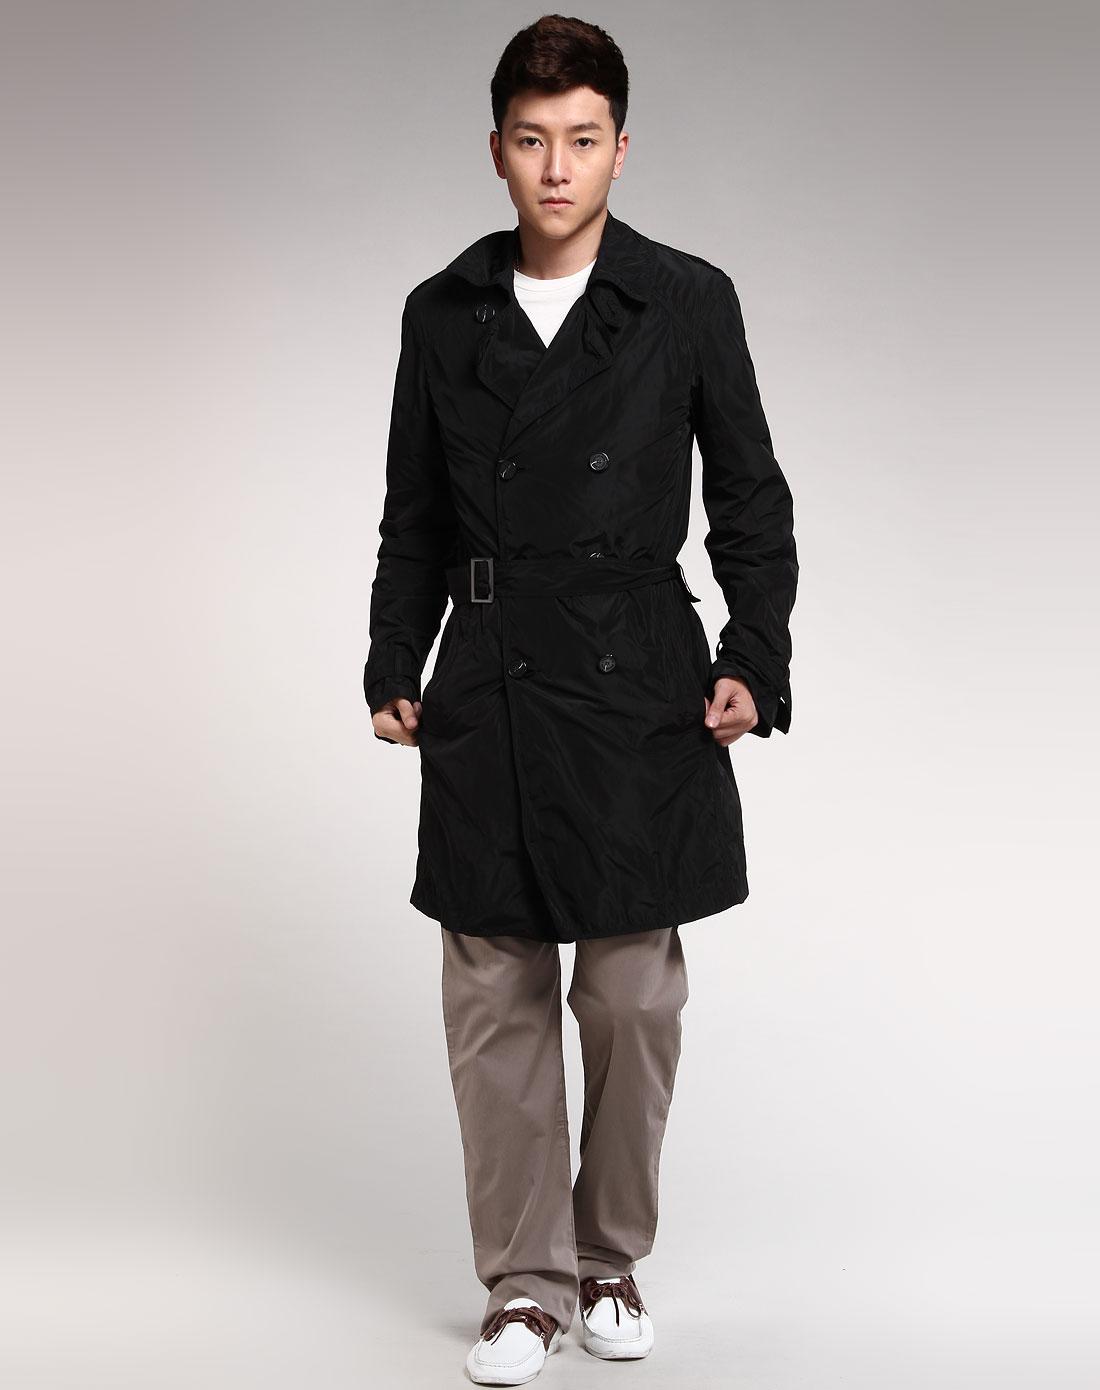 男款黑色长款休闲风衣